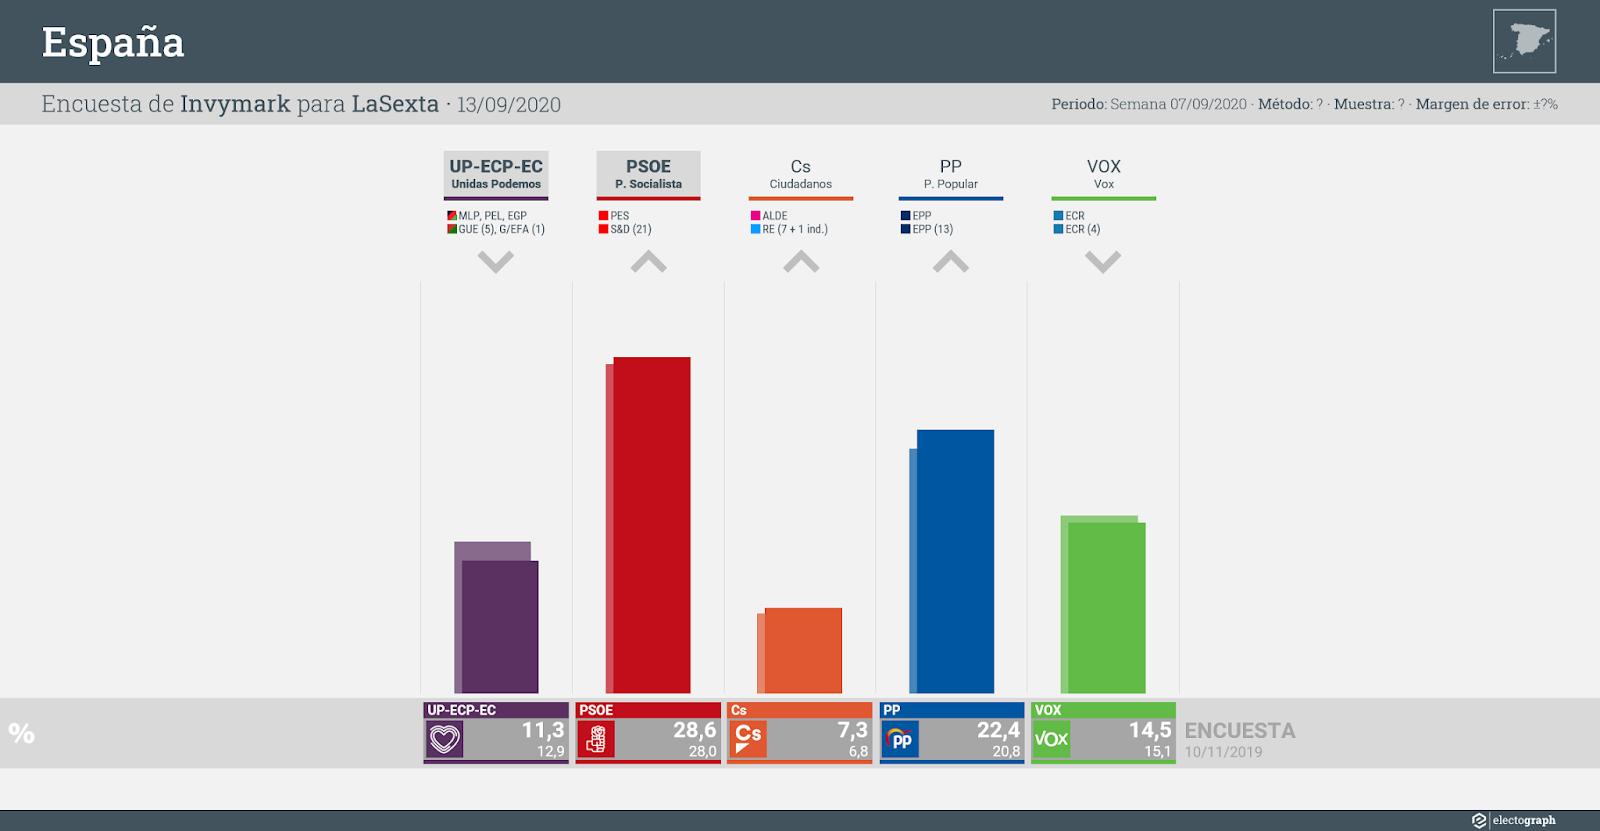 Gráfico de la encuesta para elecciones generales en España realizada por Invymark para LaSexta, 13 de septiembre de 2020